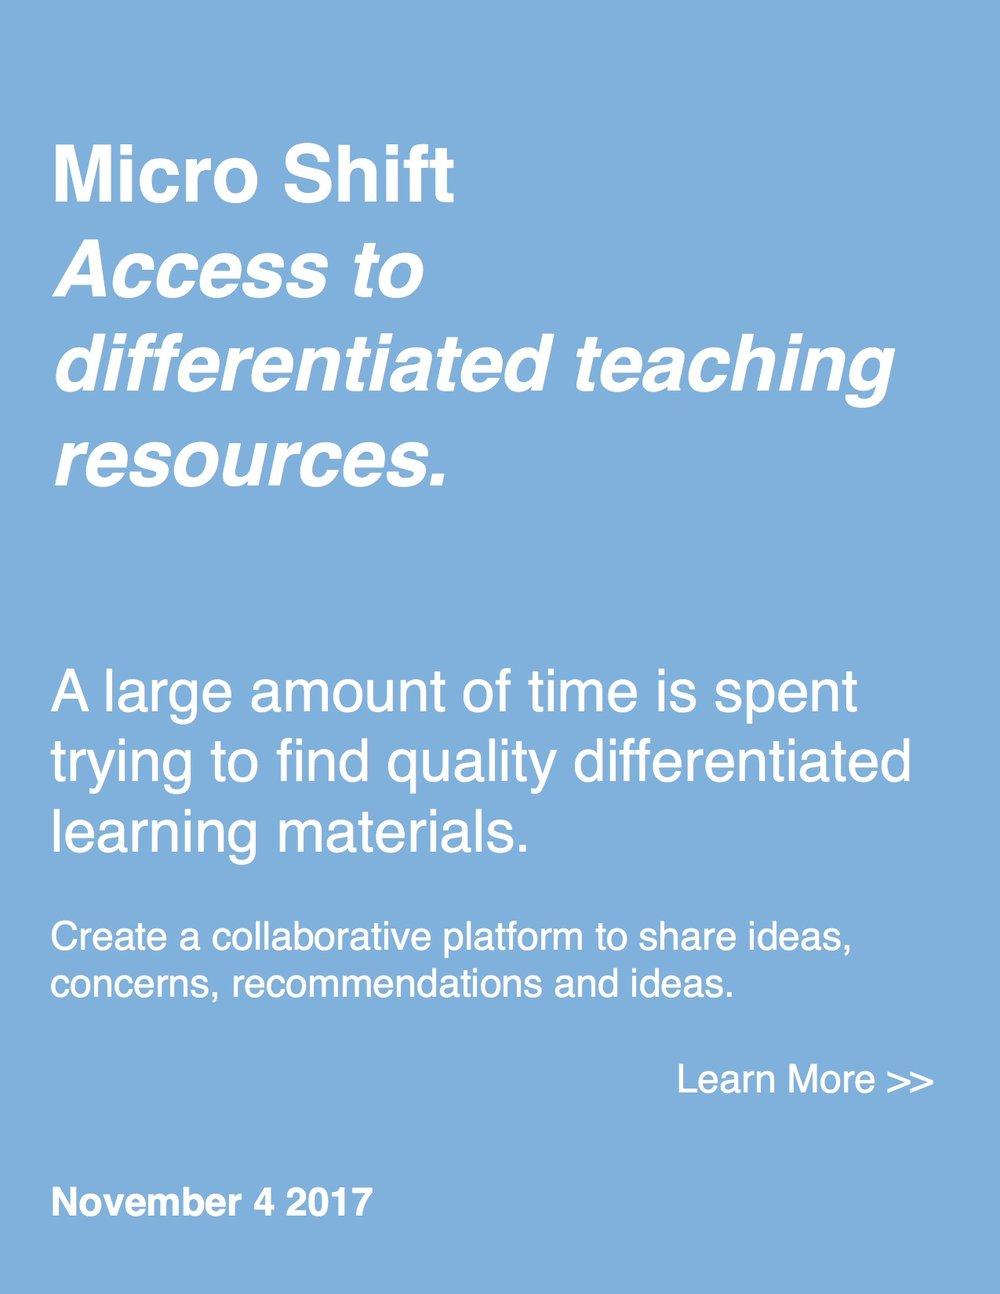 Microshift Poster 4.jpg